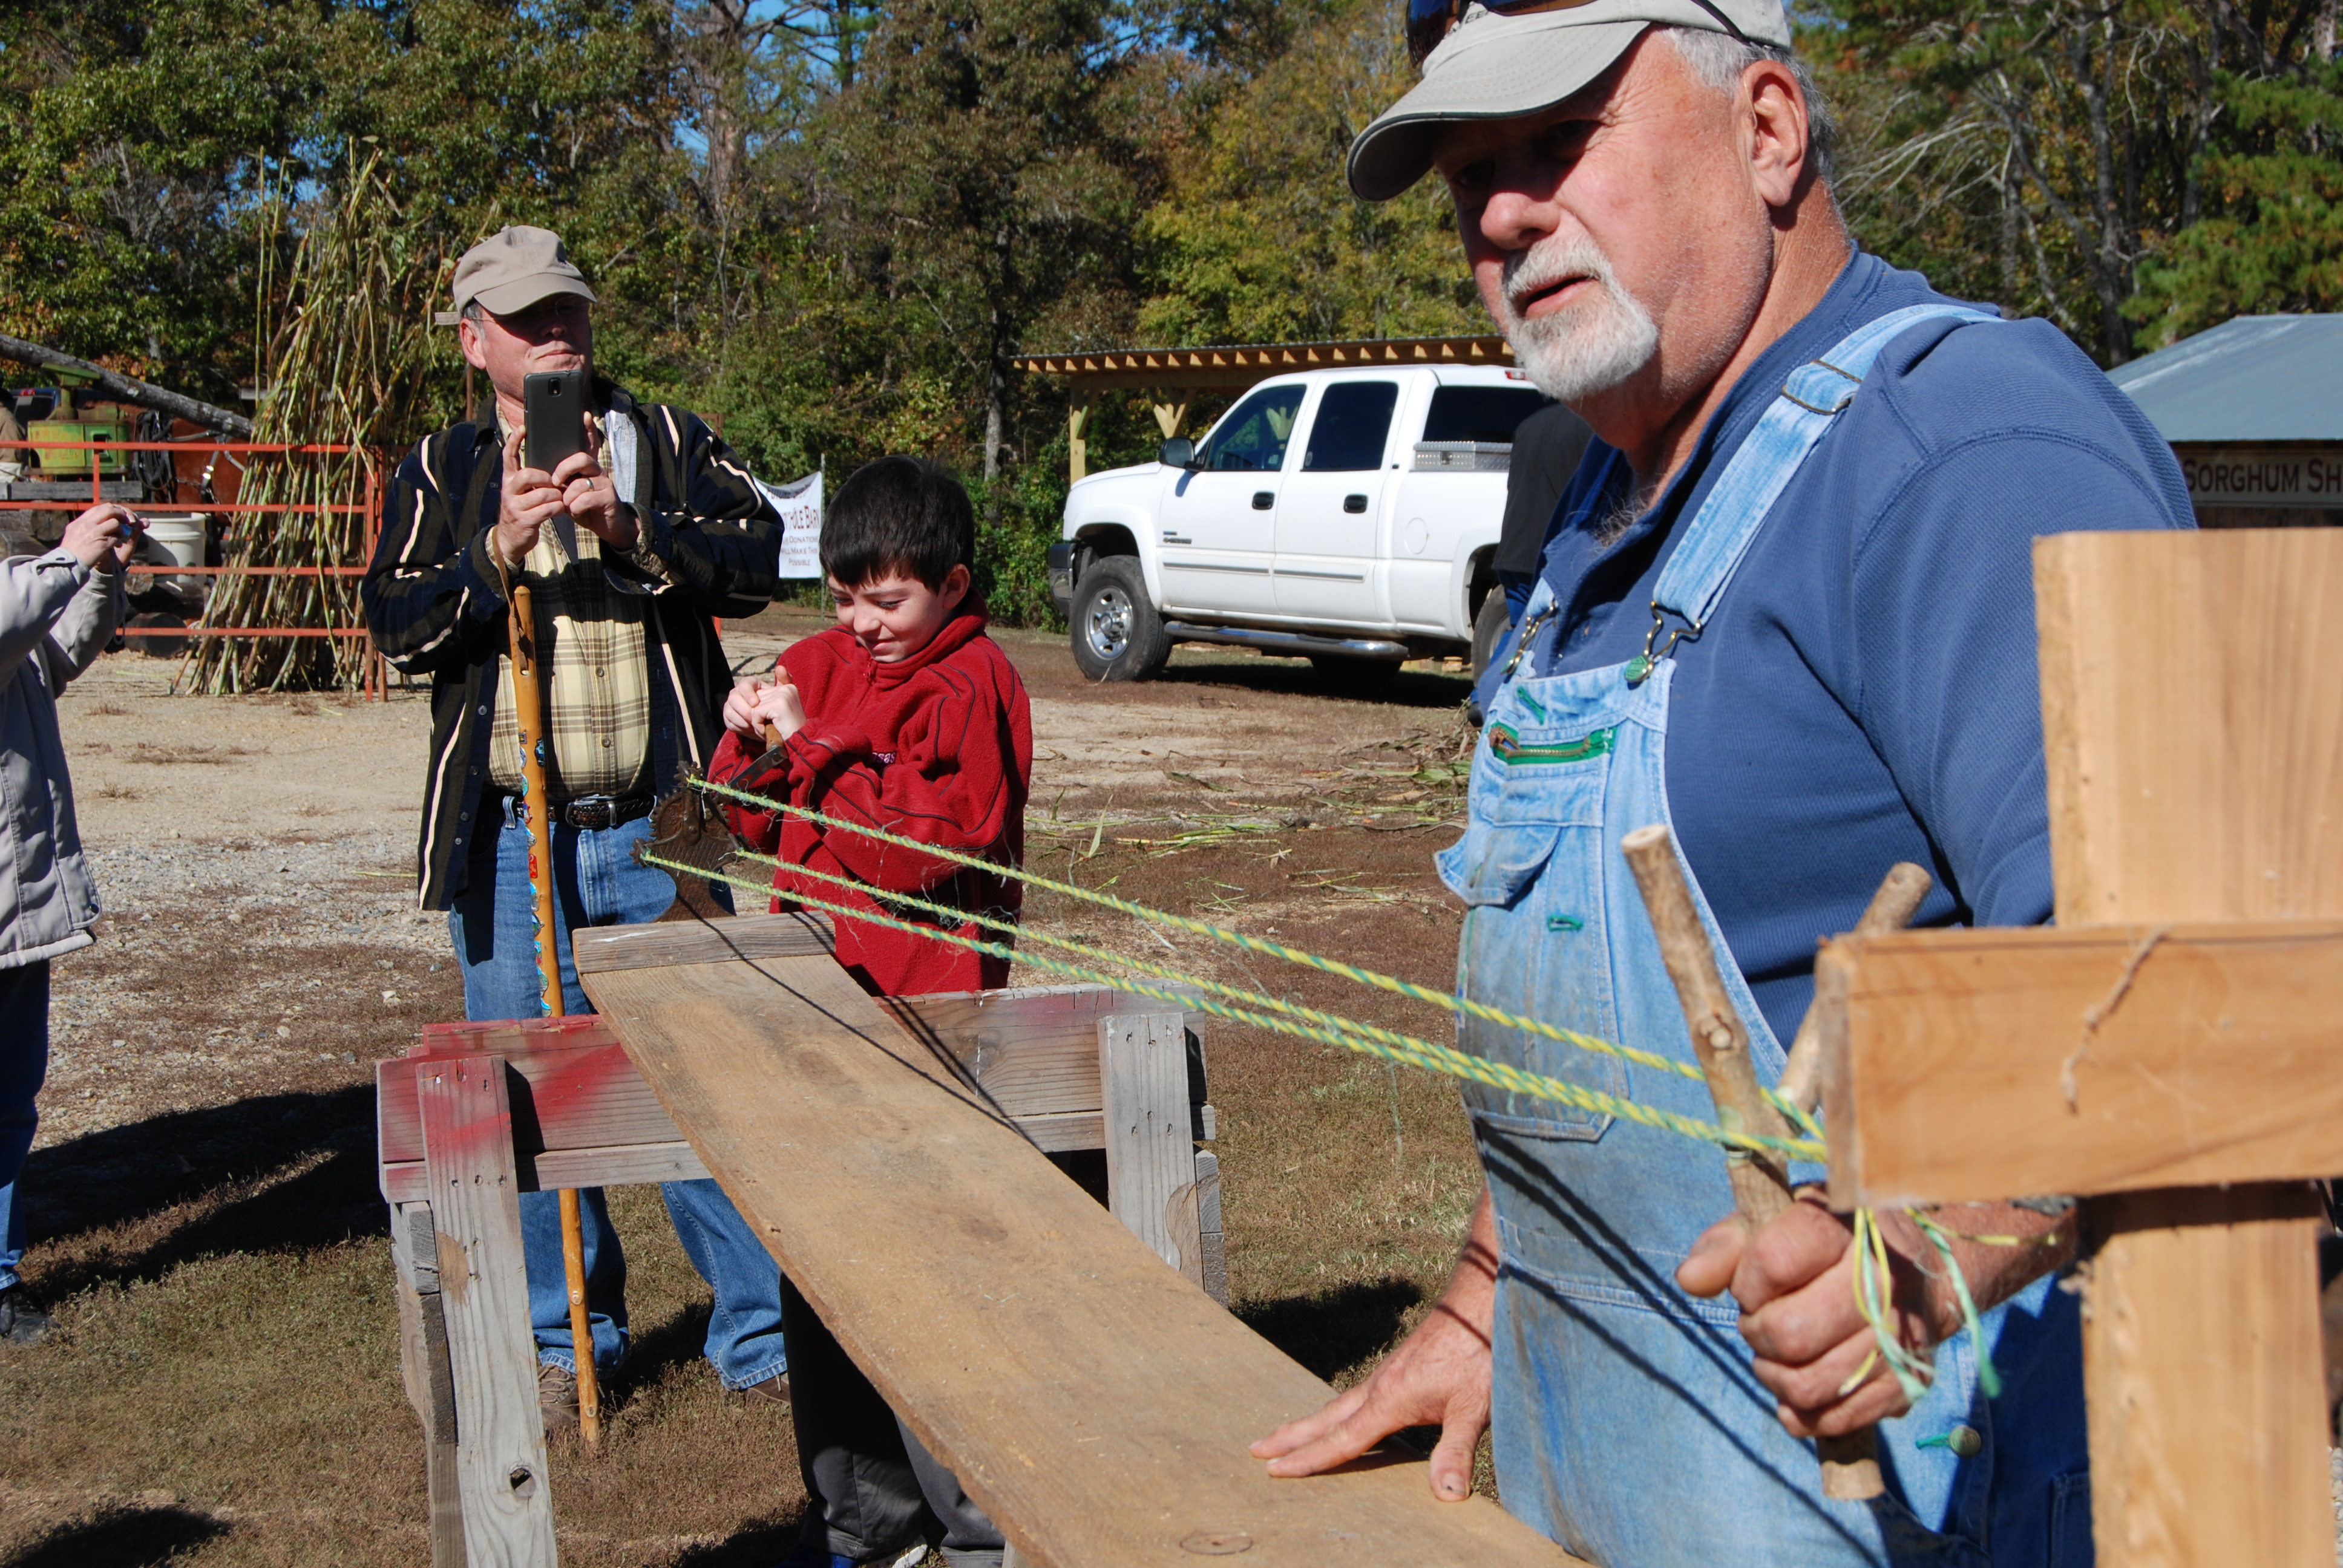 Making rope